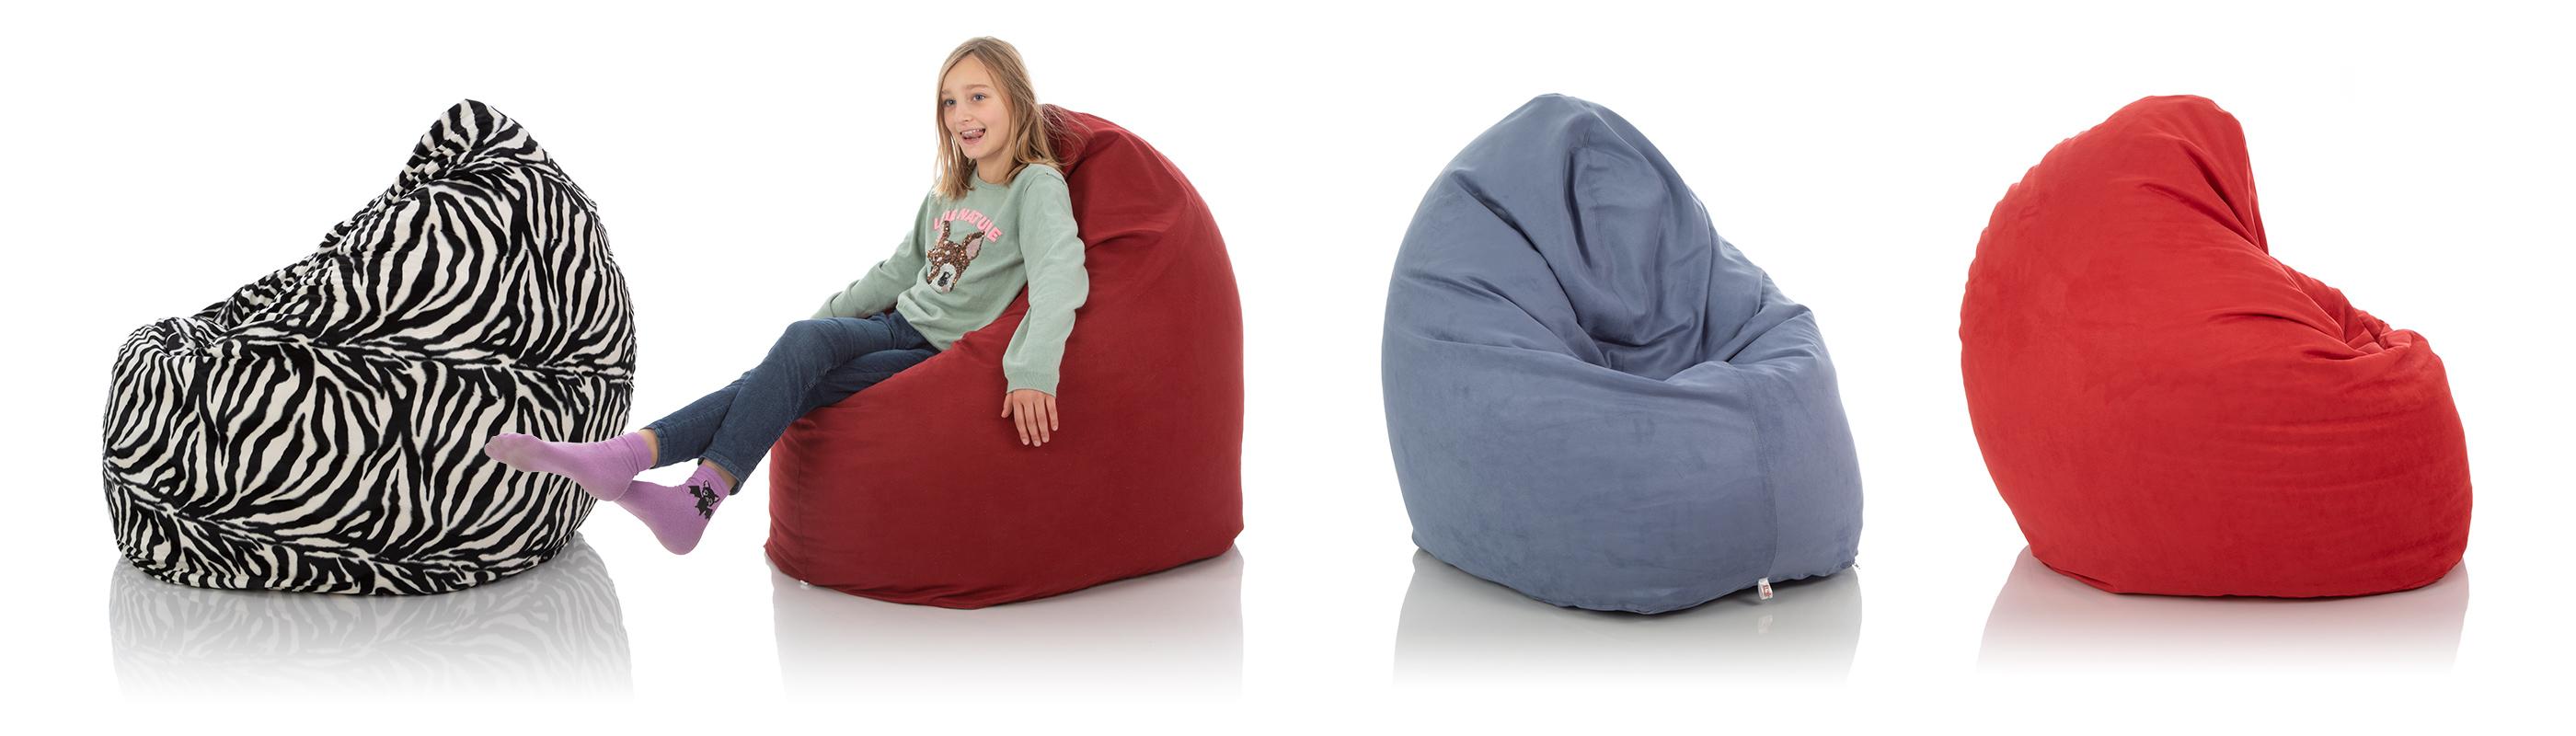 XXL Kinder-Sitzsäcke in schwarz-weiß, rot und blau für das Kinderzimmer